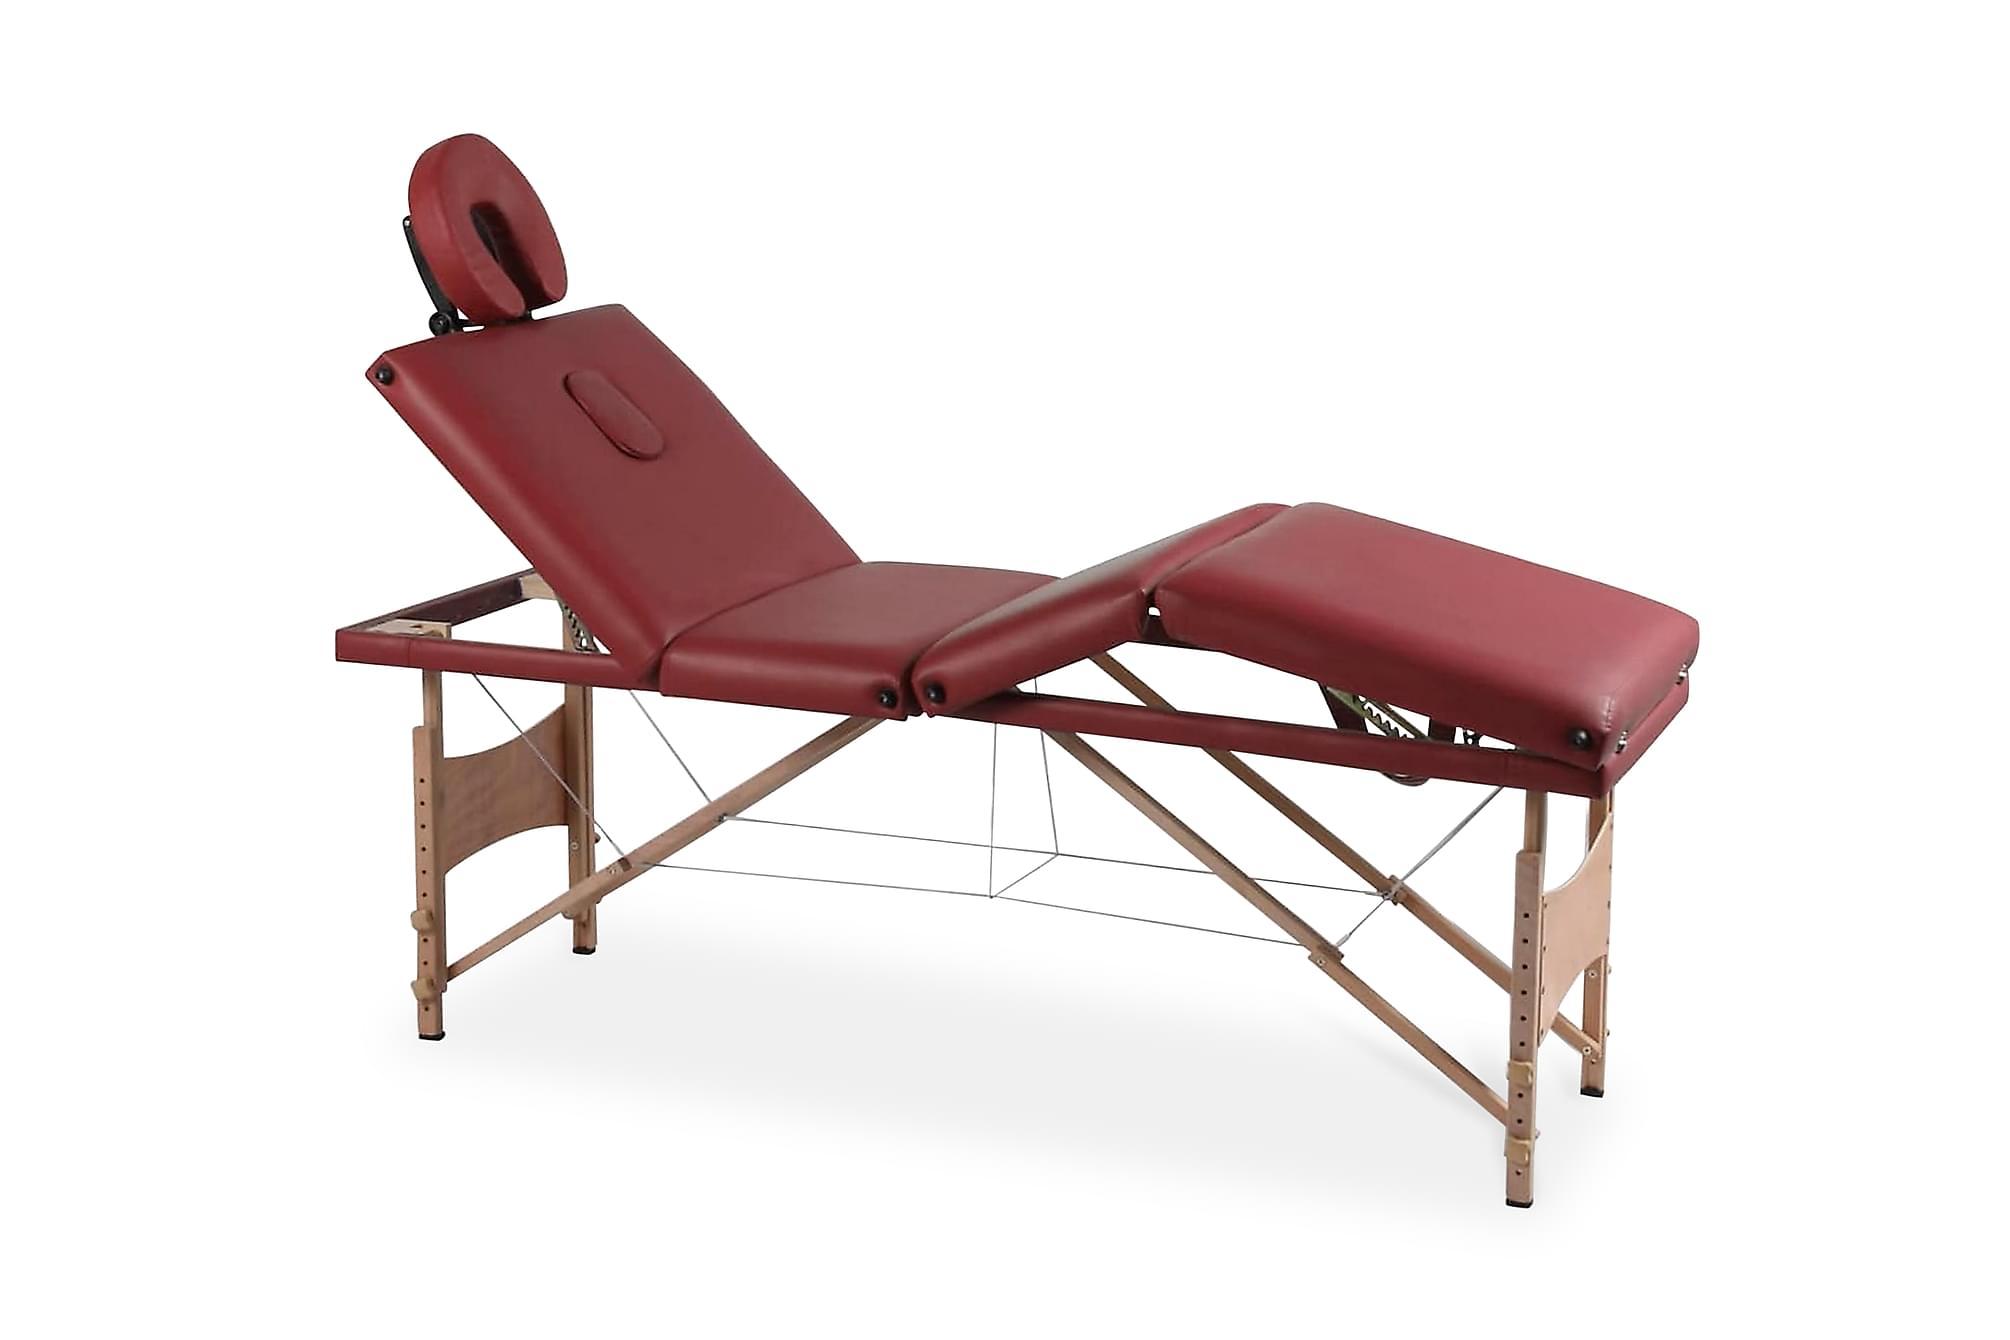 Röd hopfällbar 4-sektions massagebänk med träram